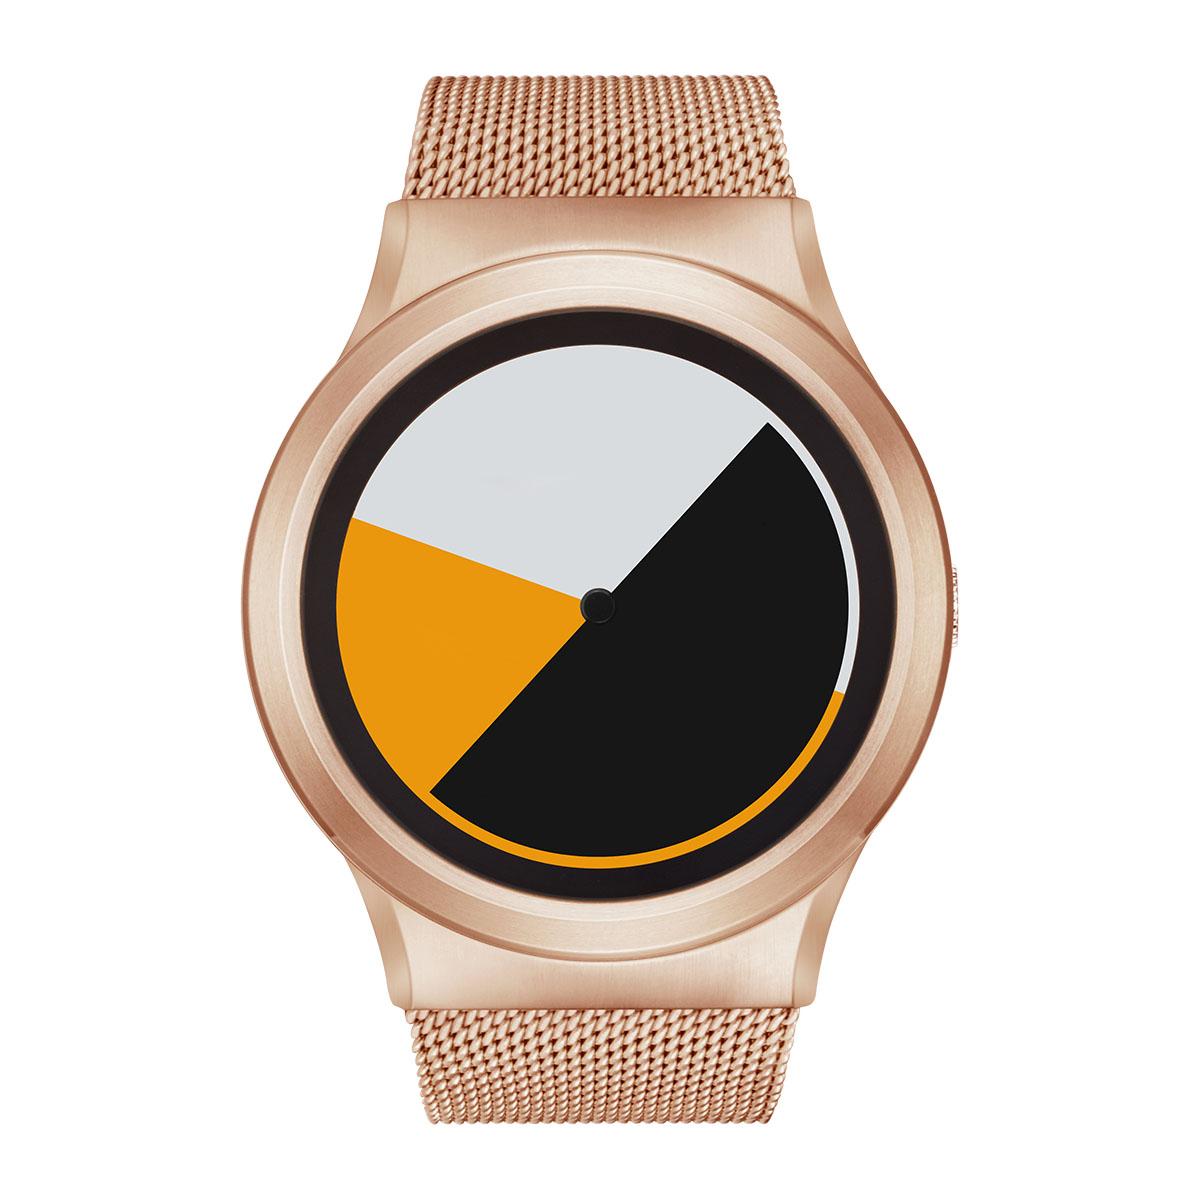 ZEROO COLORED TIME ゼロ 電池式クォーツ 腕時計 [W01001B05SM05] イエロー デザインウォッチ ペア用 メンズ レディース ユニセックス おしゃれ時計 デザイナーズ